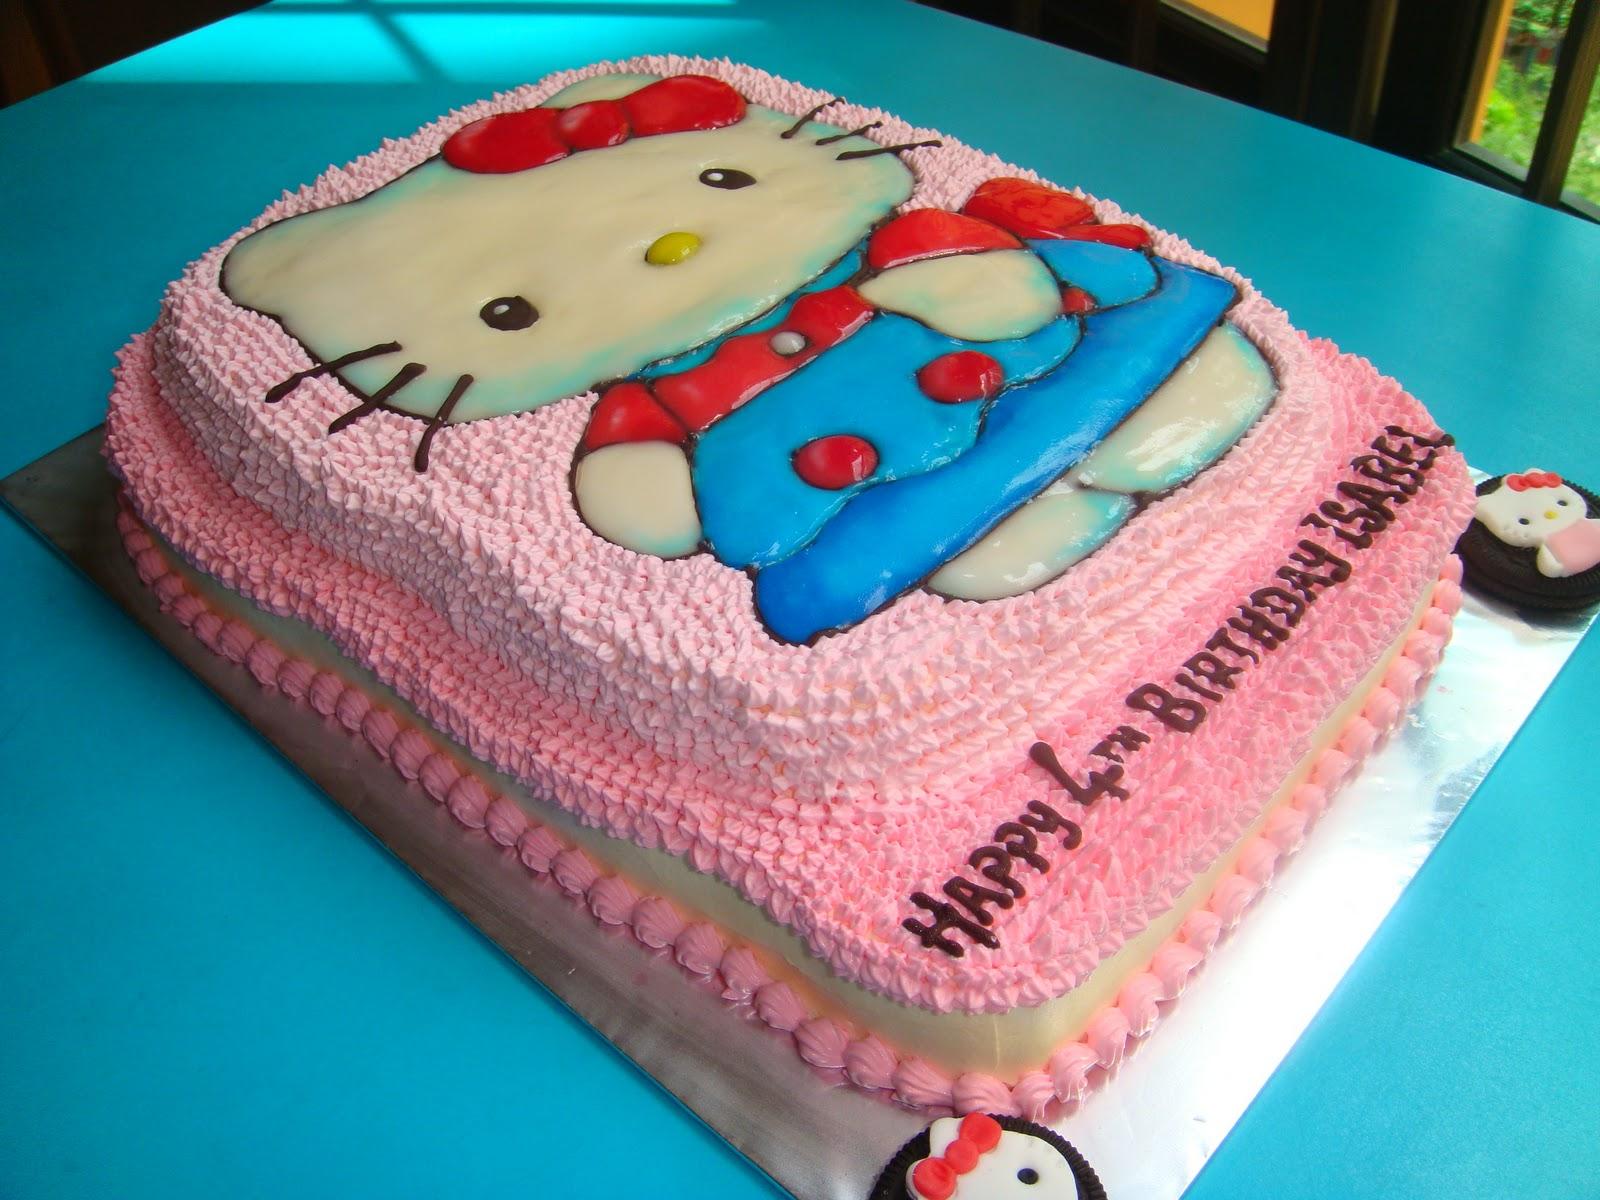 Pin Kitty Happy Graphics Birthday Hello Tattoo Kootation Com Cake On